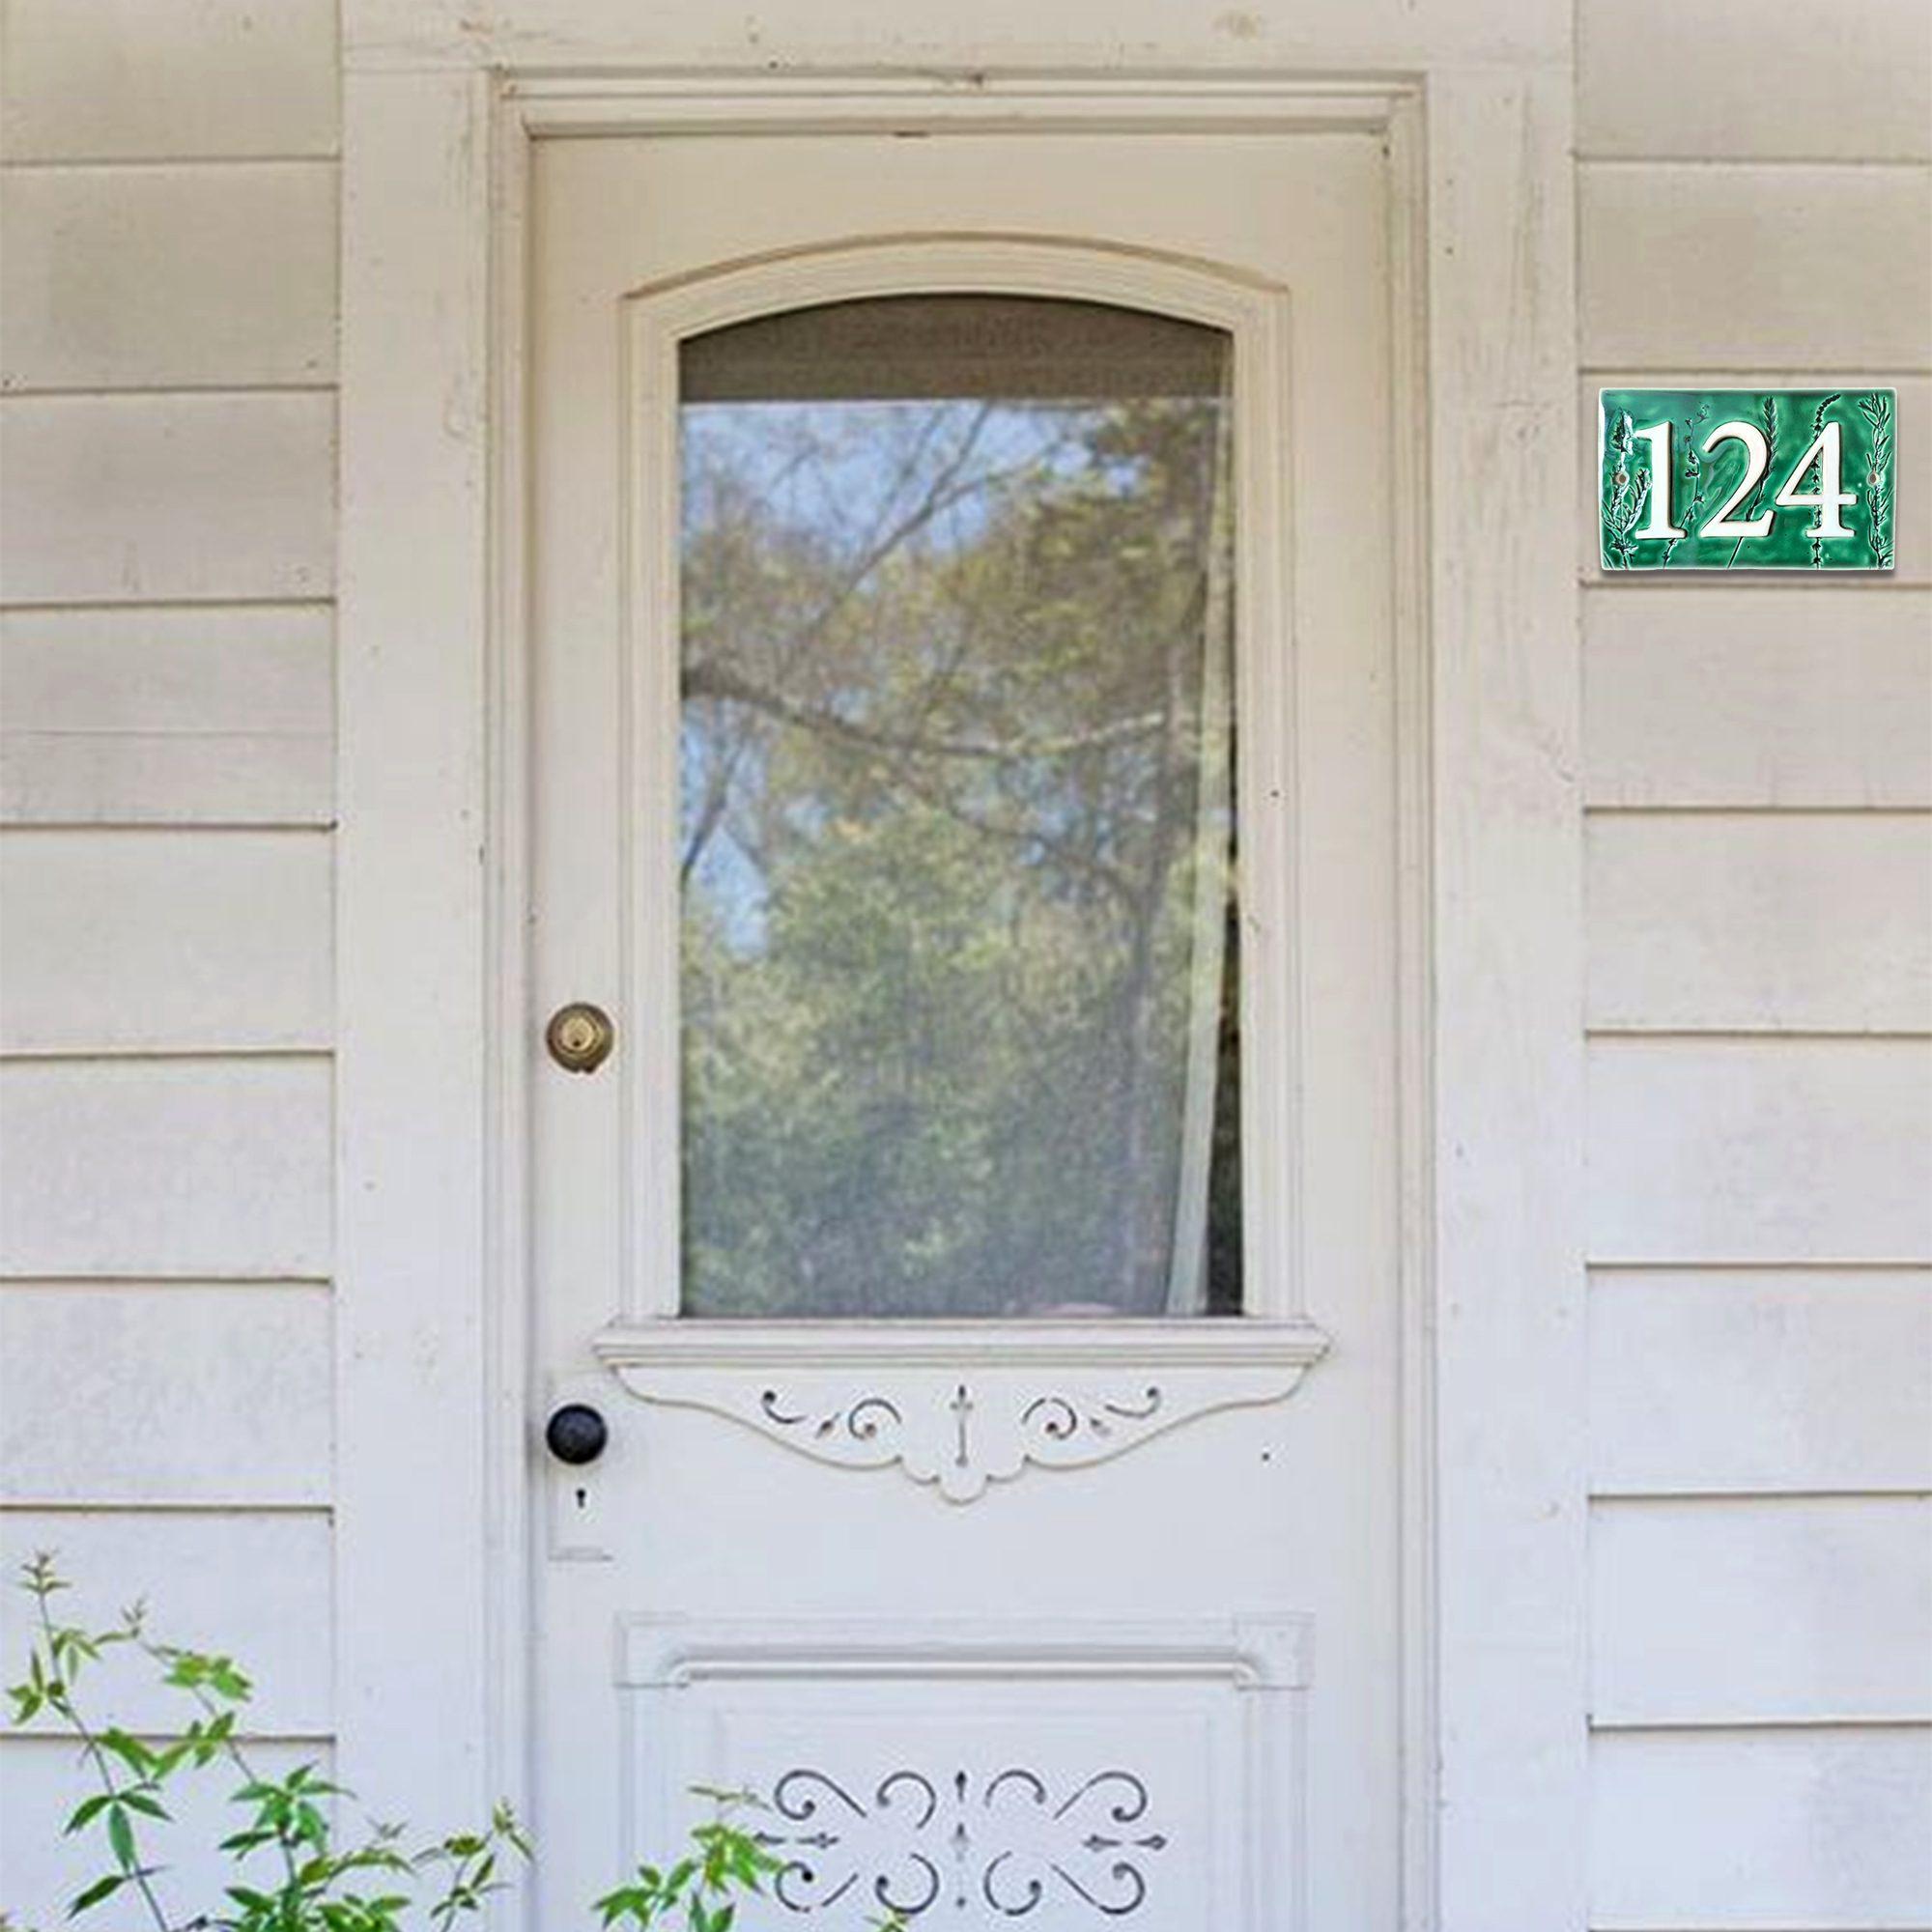 Handgemaakt keramisch huisnummerbord groen, met plantjes bij een deur. Nummer 124.